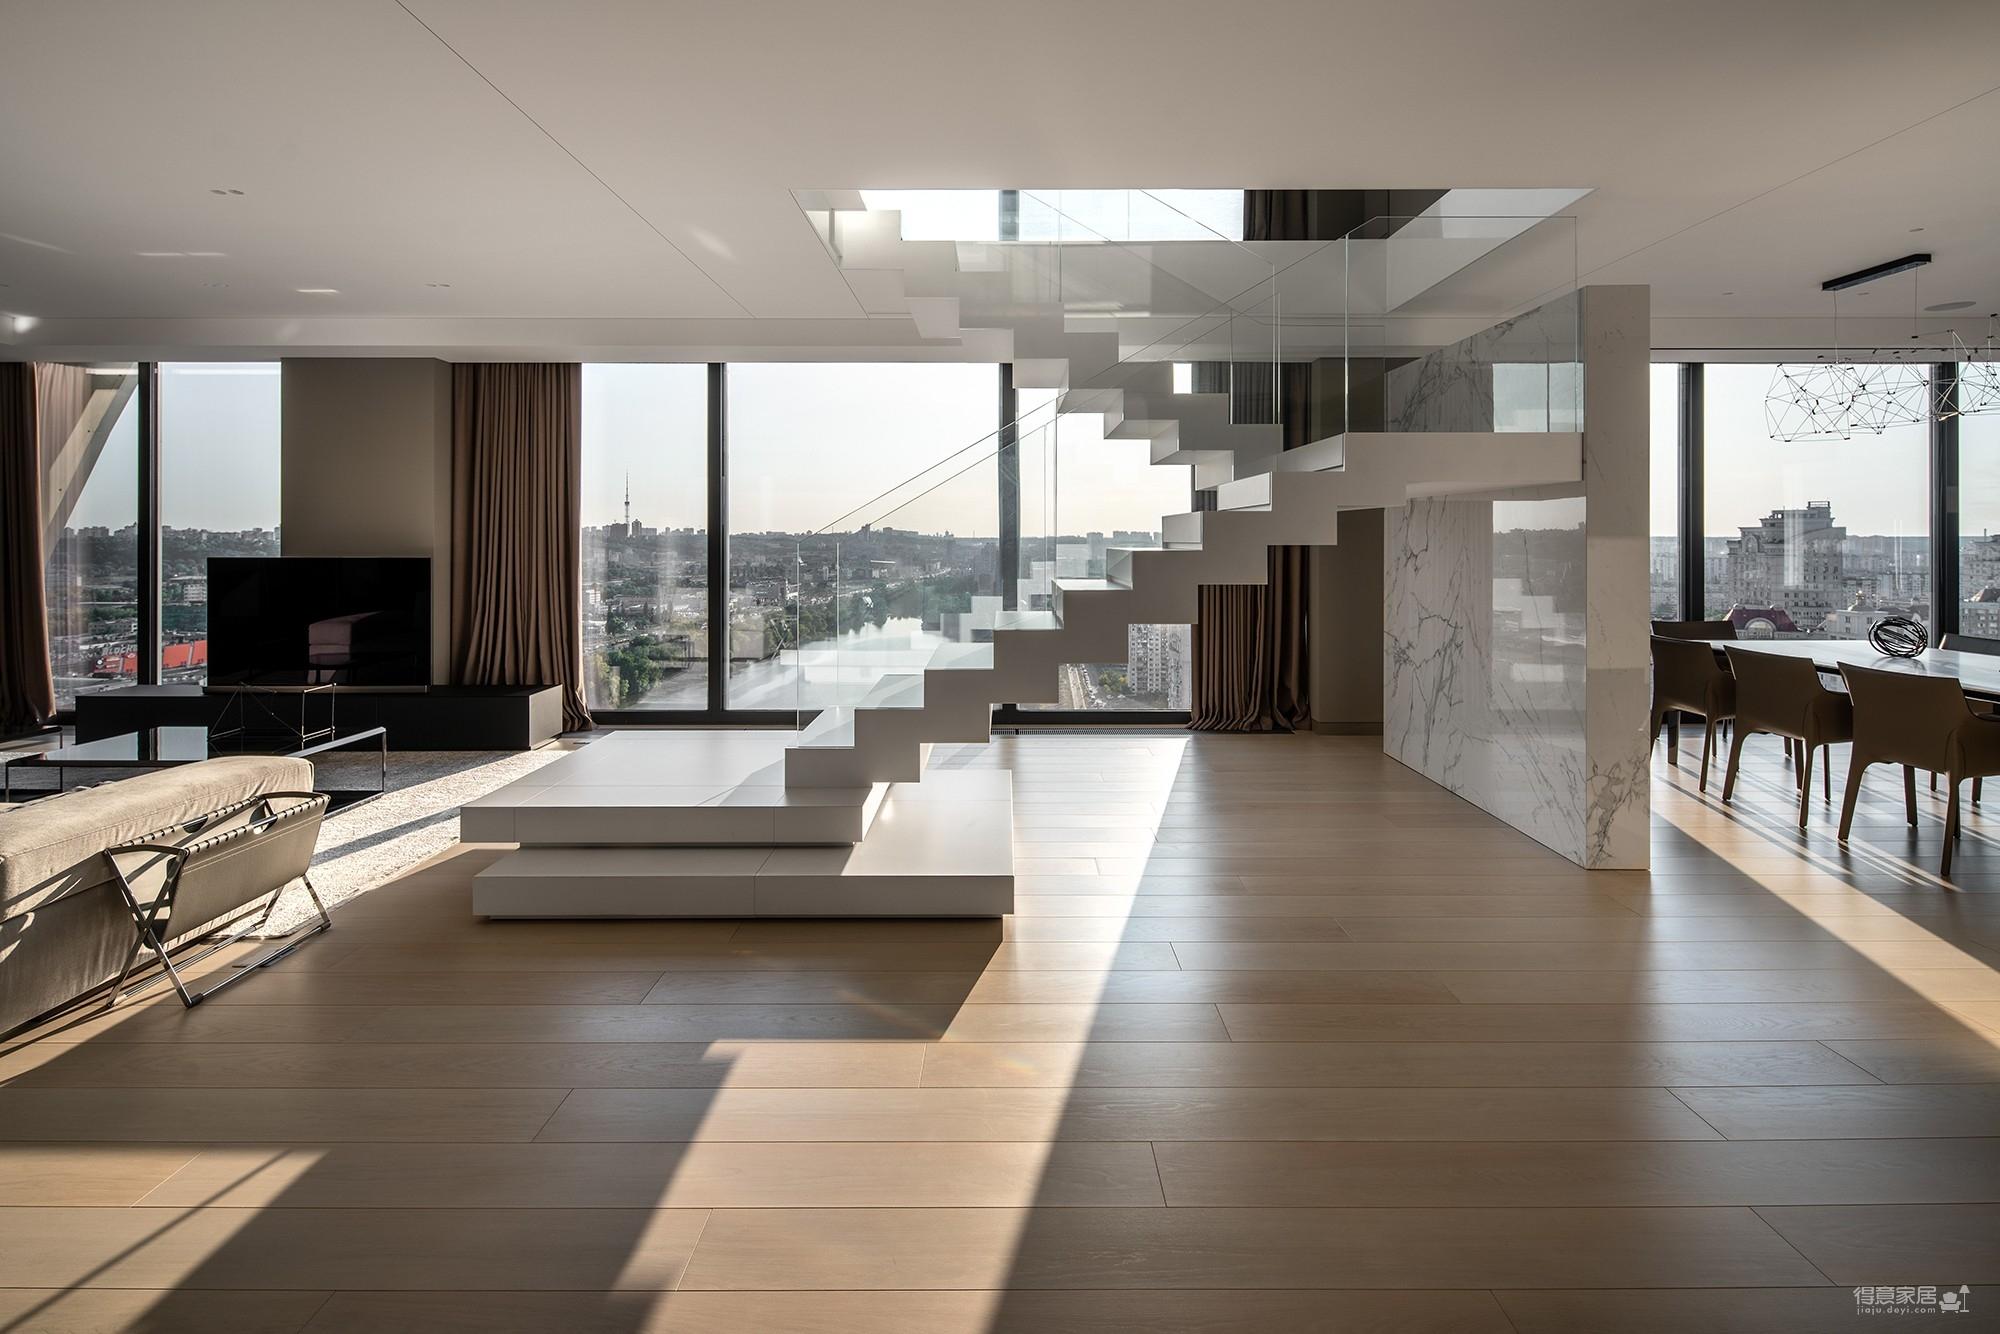 高级灰复式设计,简洁的直线条增加空间纵深感